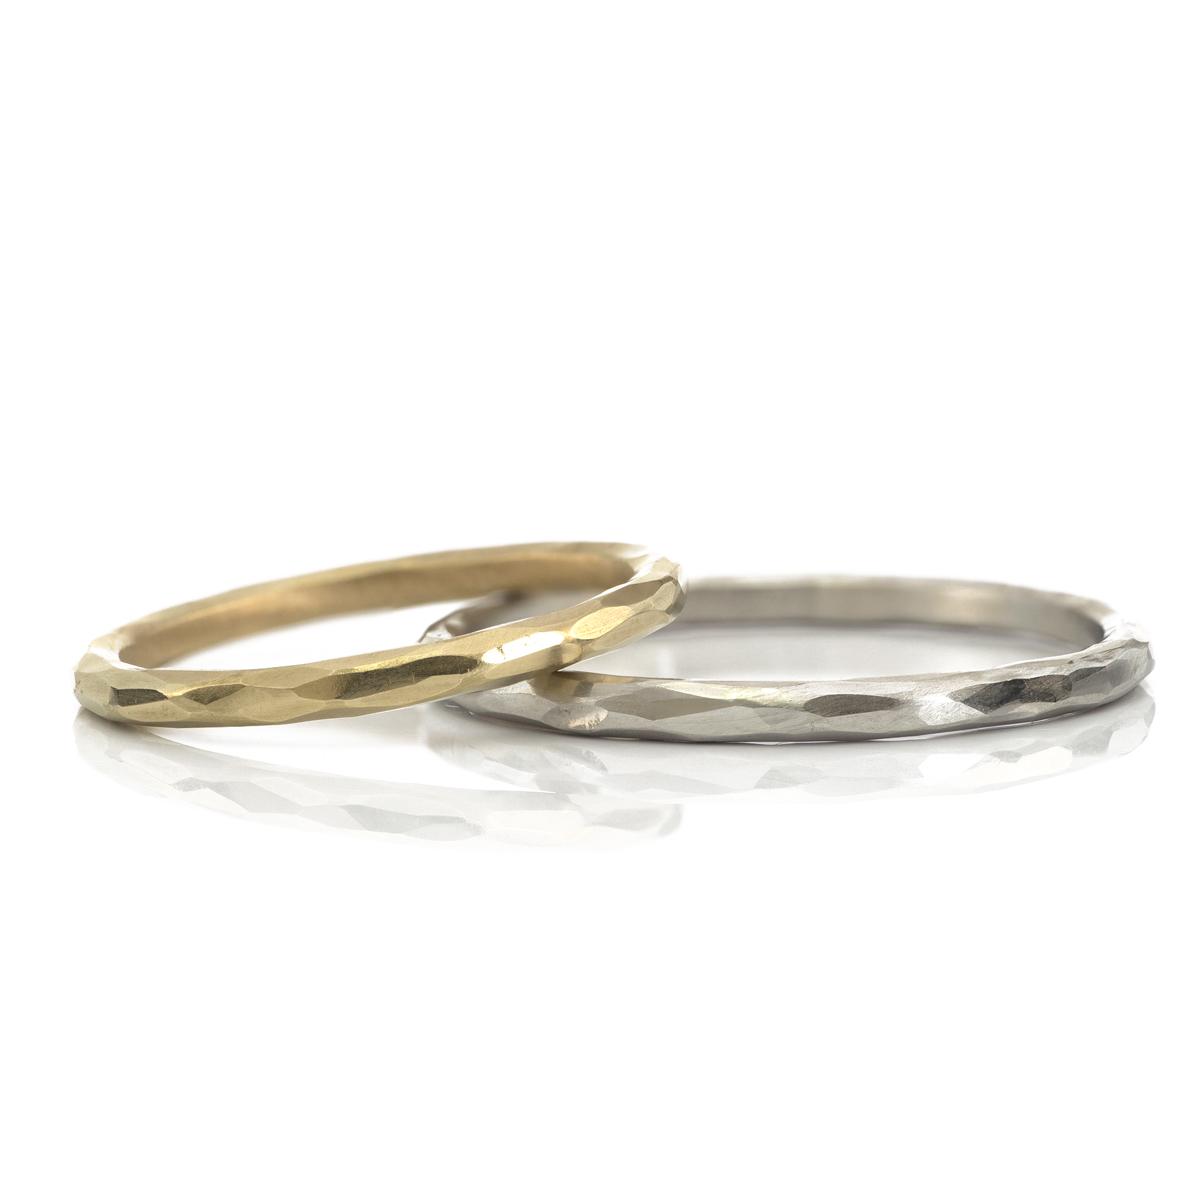 白バック オーダーメイドマリッジリング ゴールド、プラチナ 屋久島でつくる結婚指輪